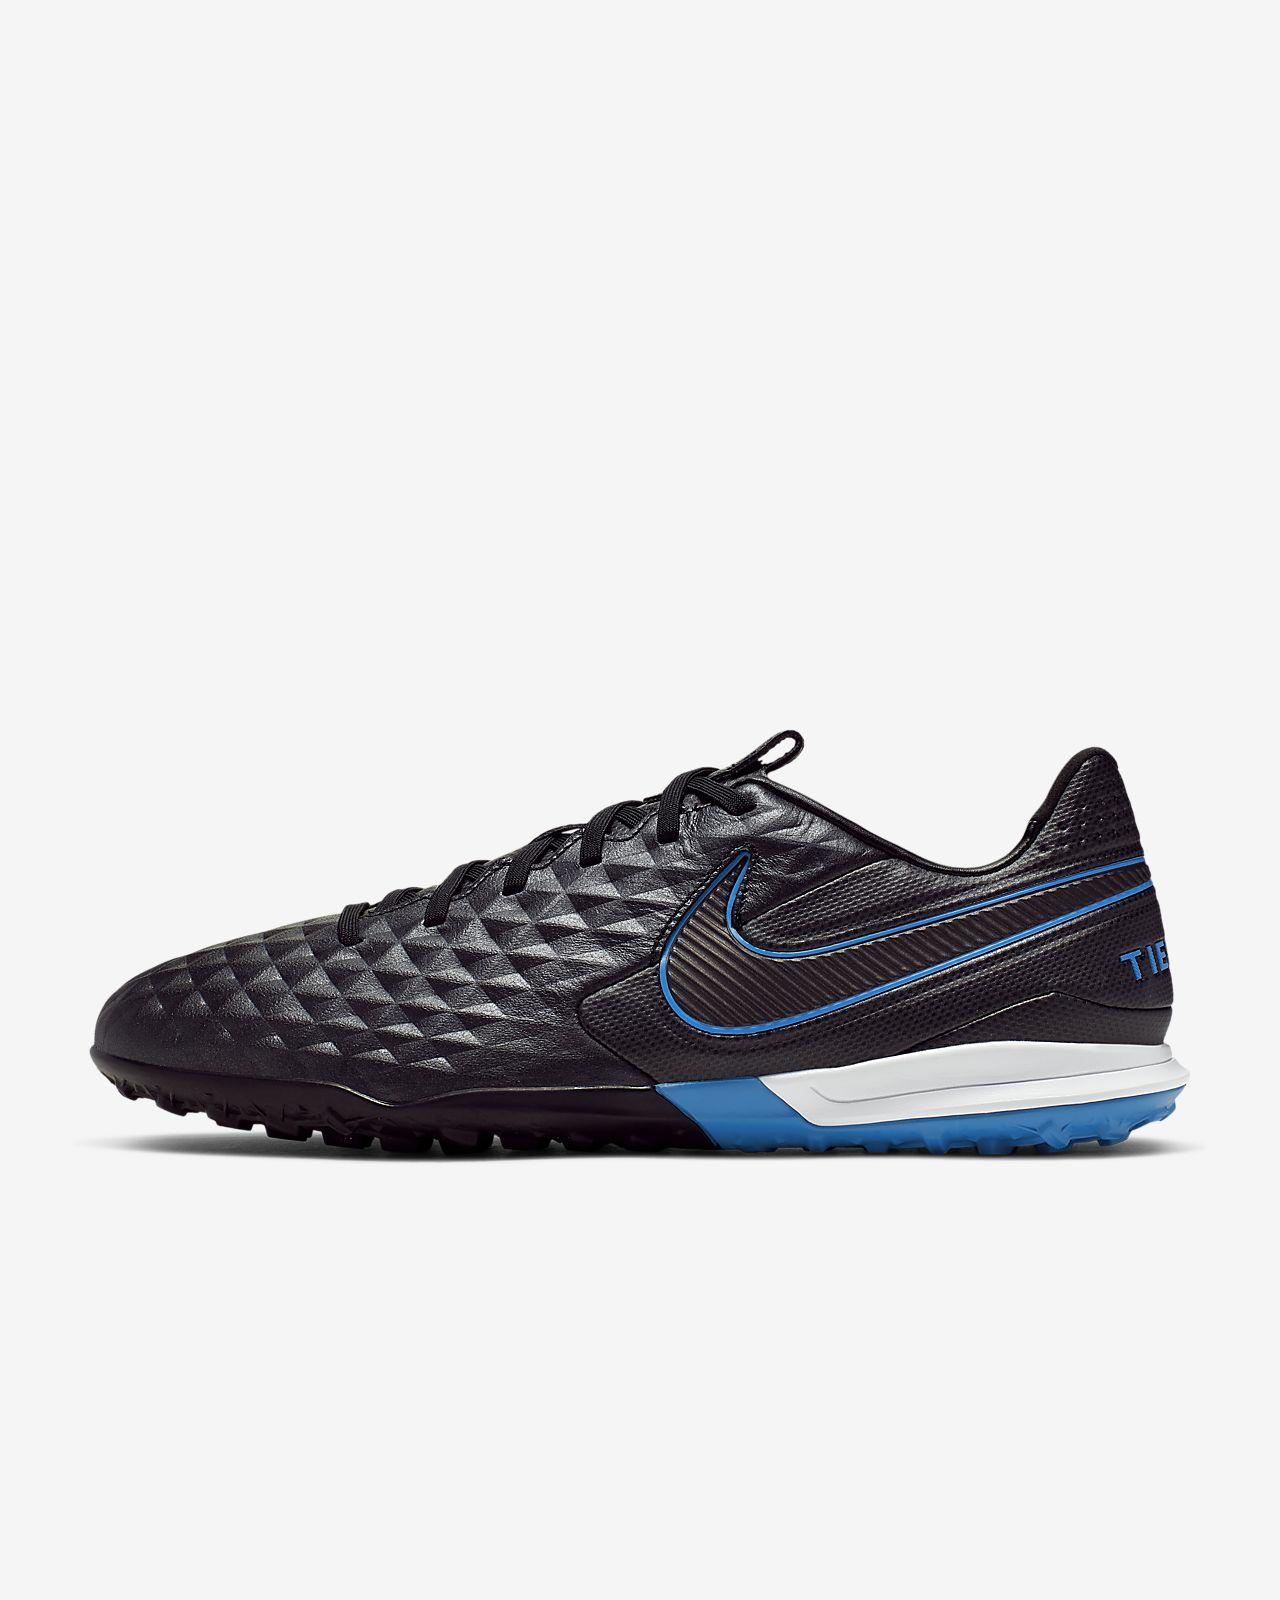 Ποδοσφαιρικό παπούτσι για τεχνητό χλοοτάπητα Nike Tiempo Legend 8 Pro TF